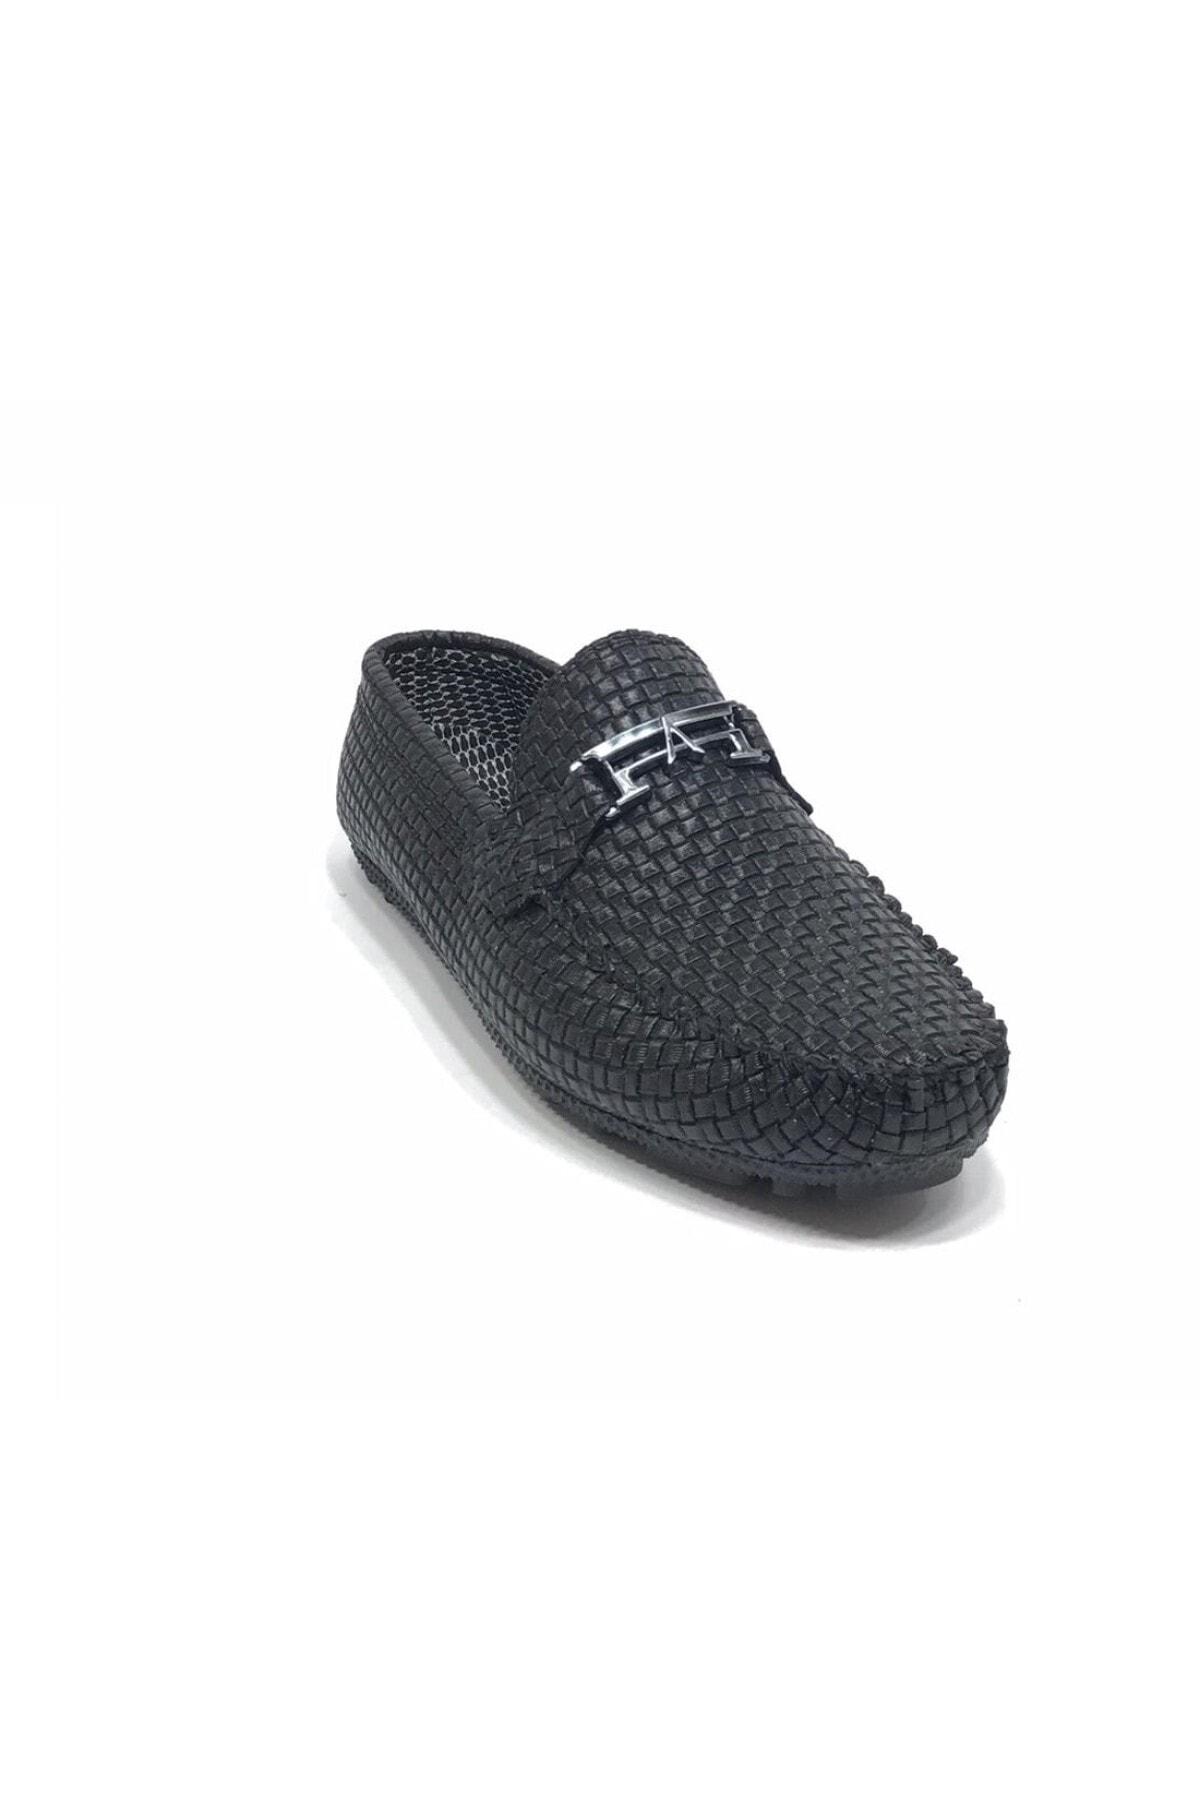 Almera Erkek Babet Ayakkabı 1